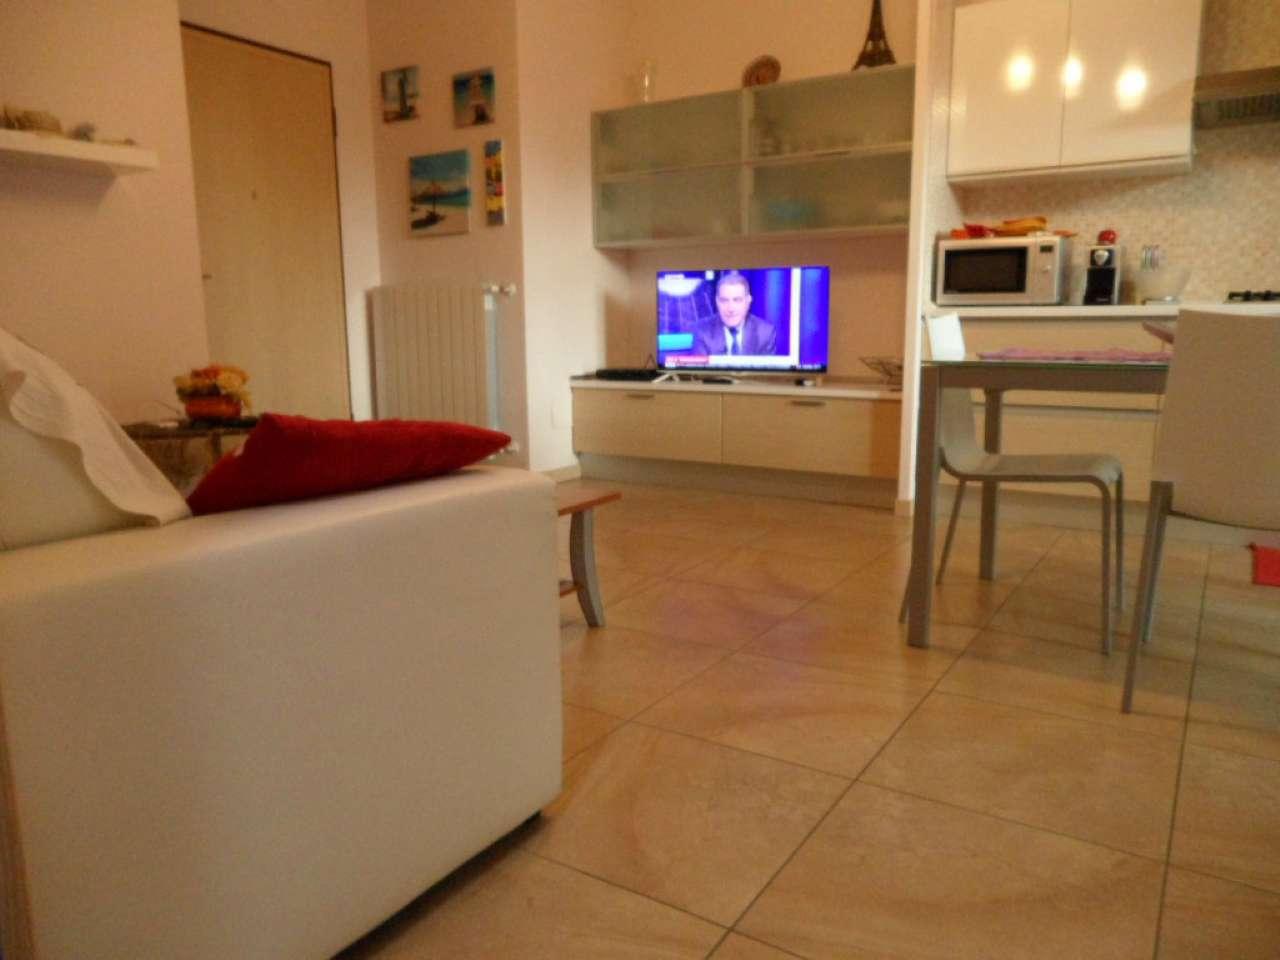 Appartamento in vendita a Montello, 3 locali, prezzo € 105.000 | CambioCasa.it